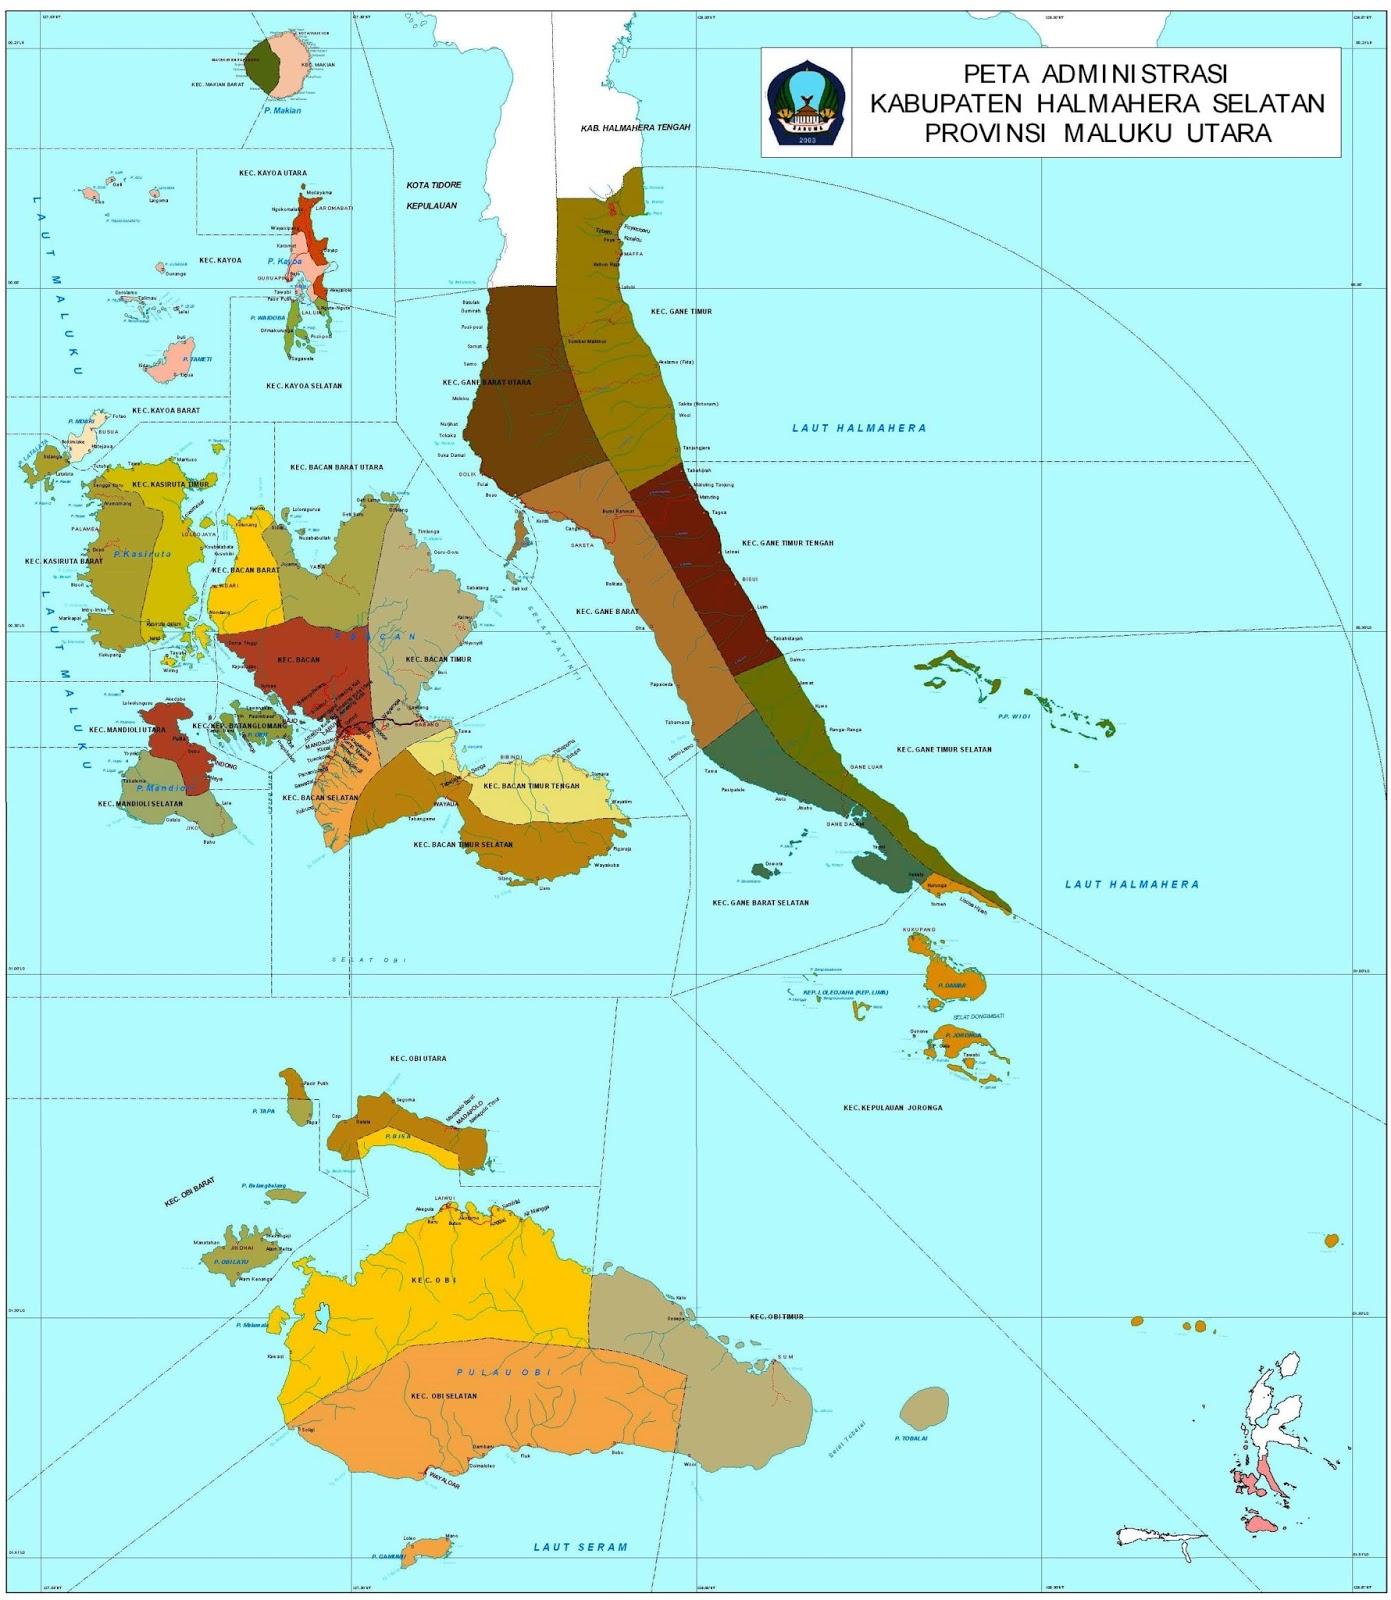 Kangatepafia Com Labuha Dan Pemekaran Kabupaten Halmahera Selatan